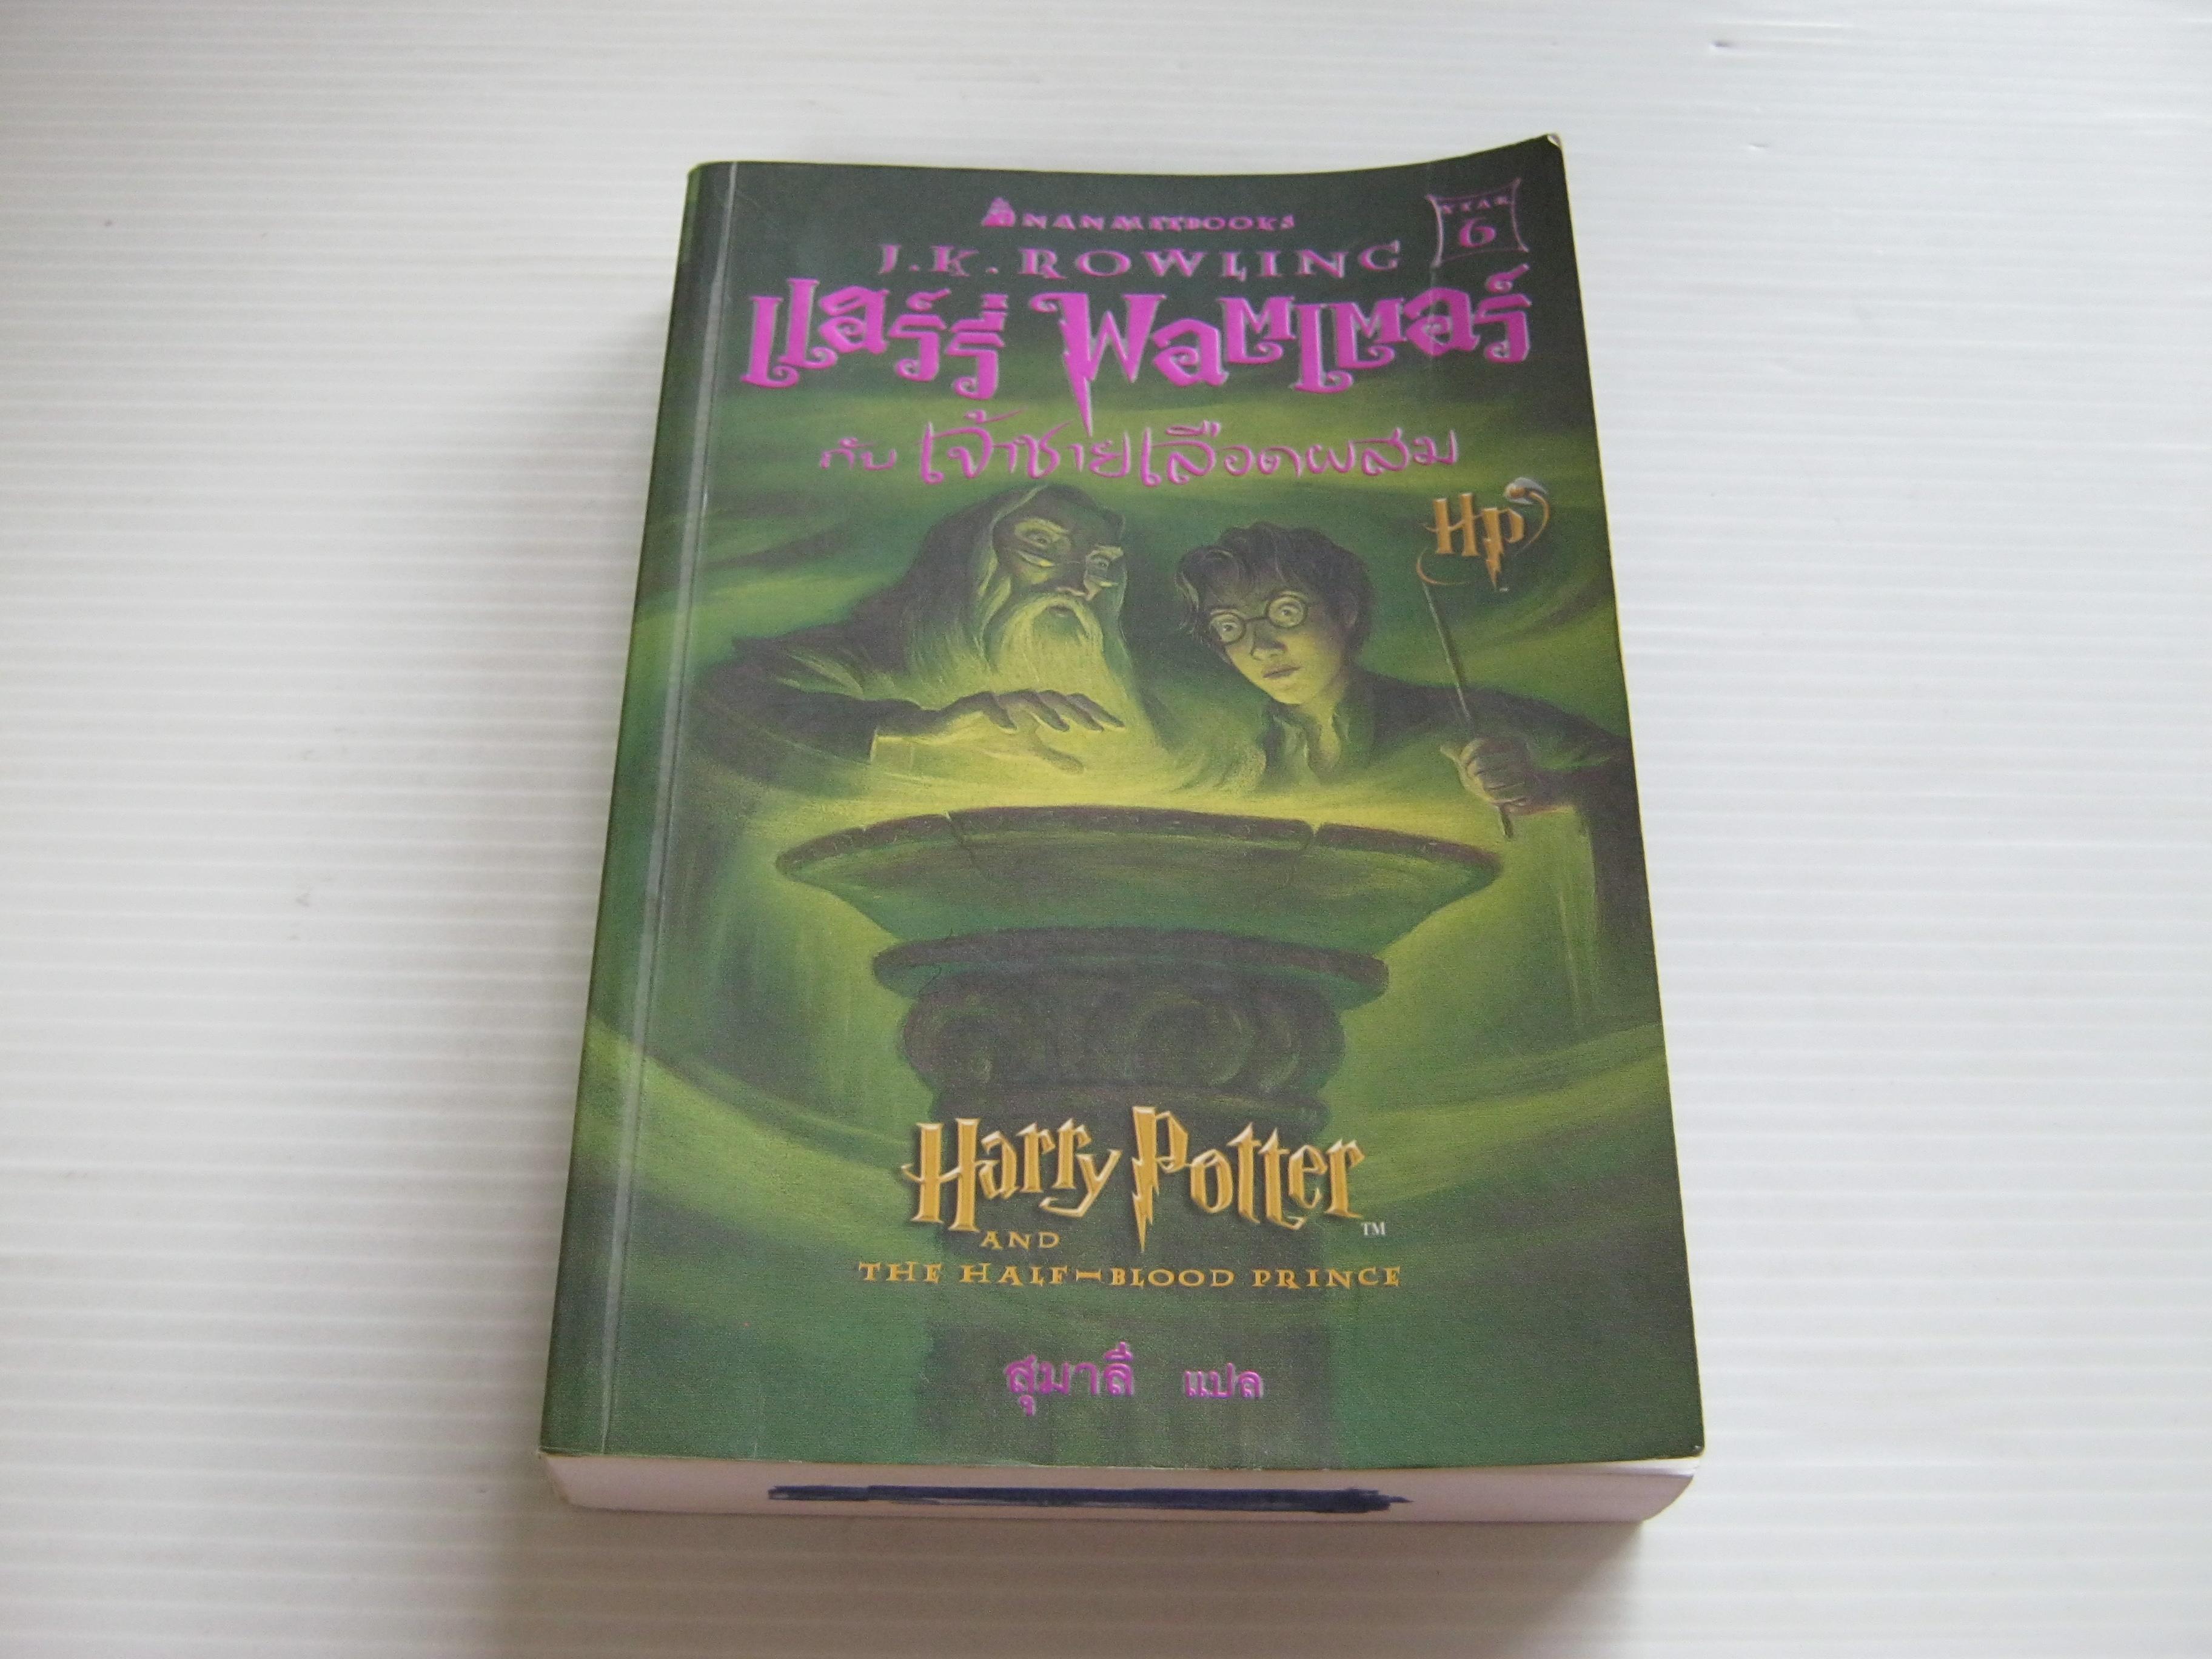 แฮร์รี่ พอตเตอร์กับเจ้าชายเลือดผสม (Harry Potter and The Half-Blood Prince) J.K. Rowling เขียน สุมาลี แปล